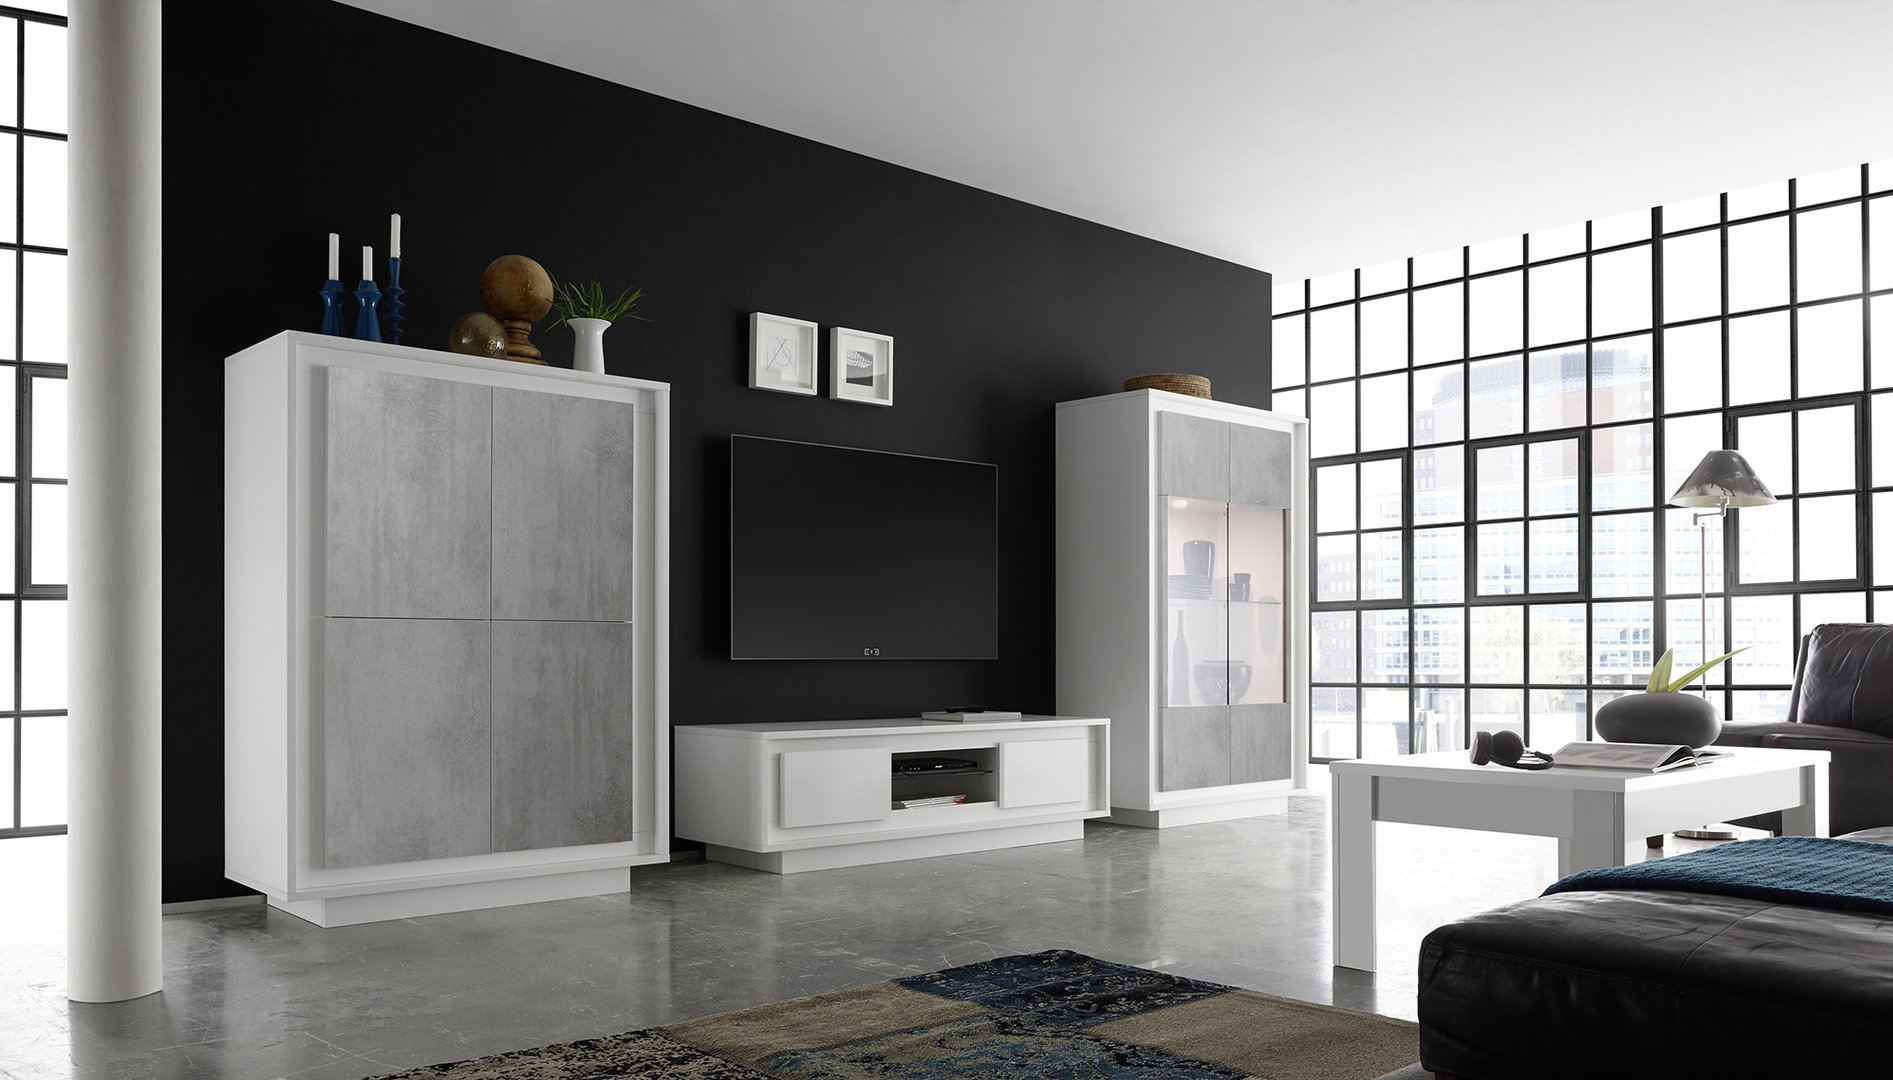 Porta tv moderno dolce mobile soggiorno unico elegante for Soggiorno elegante